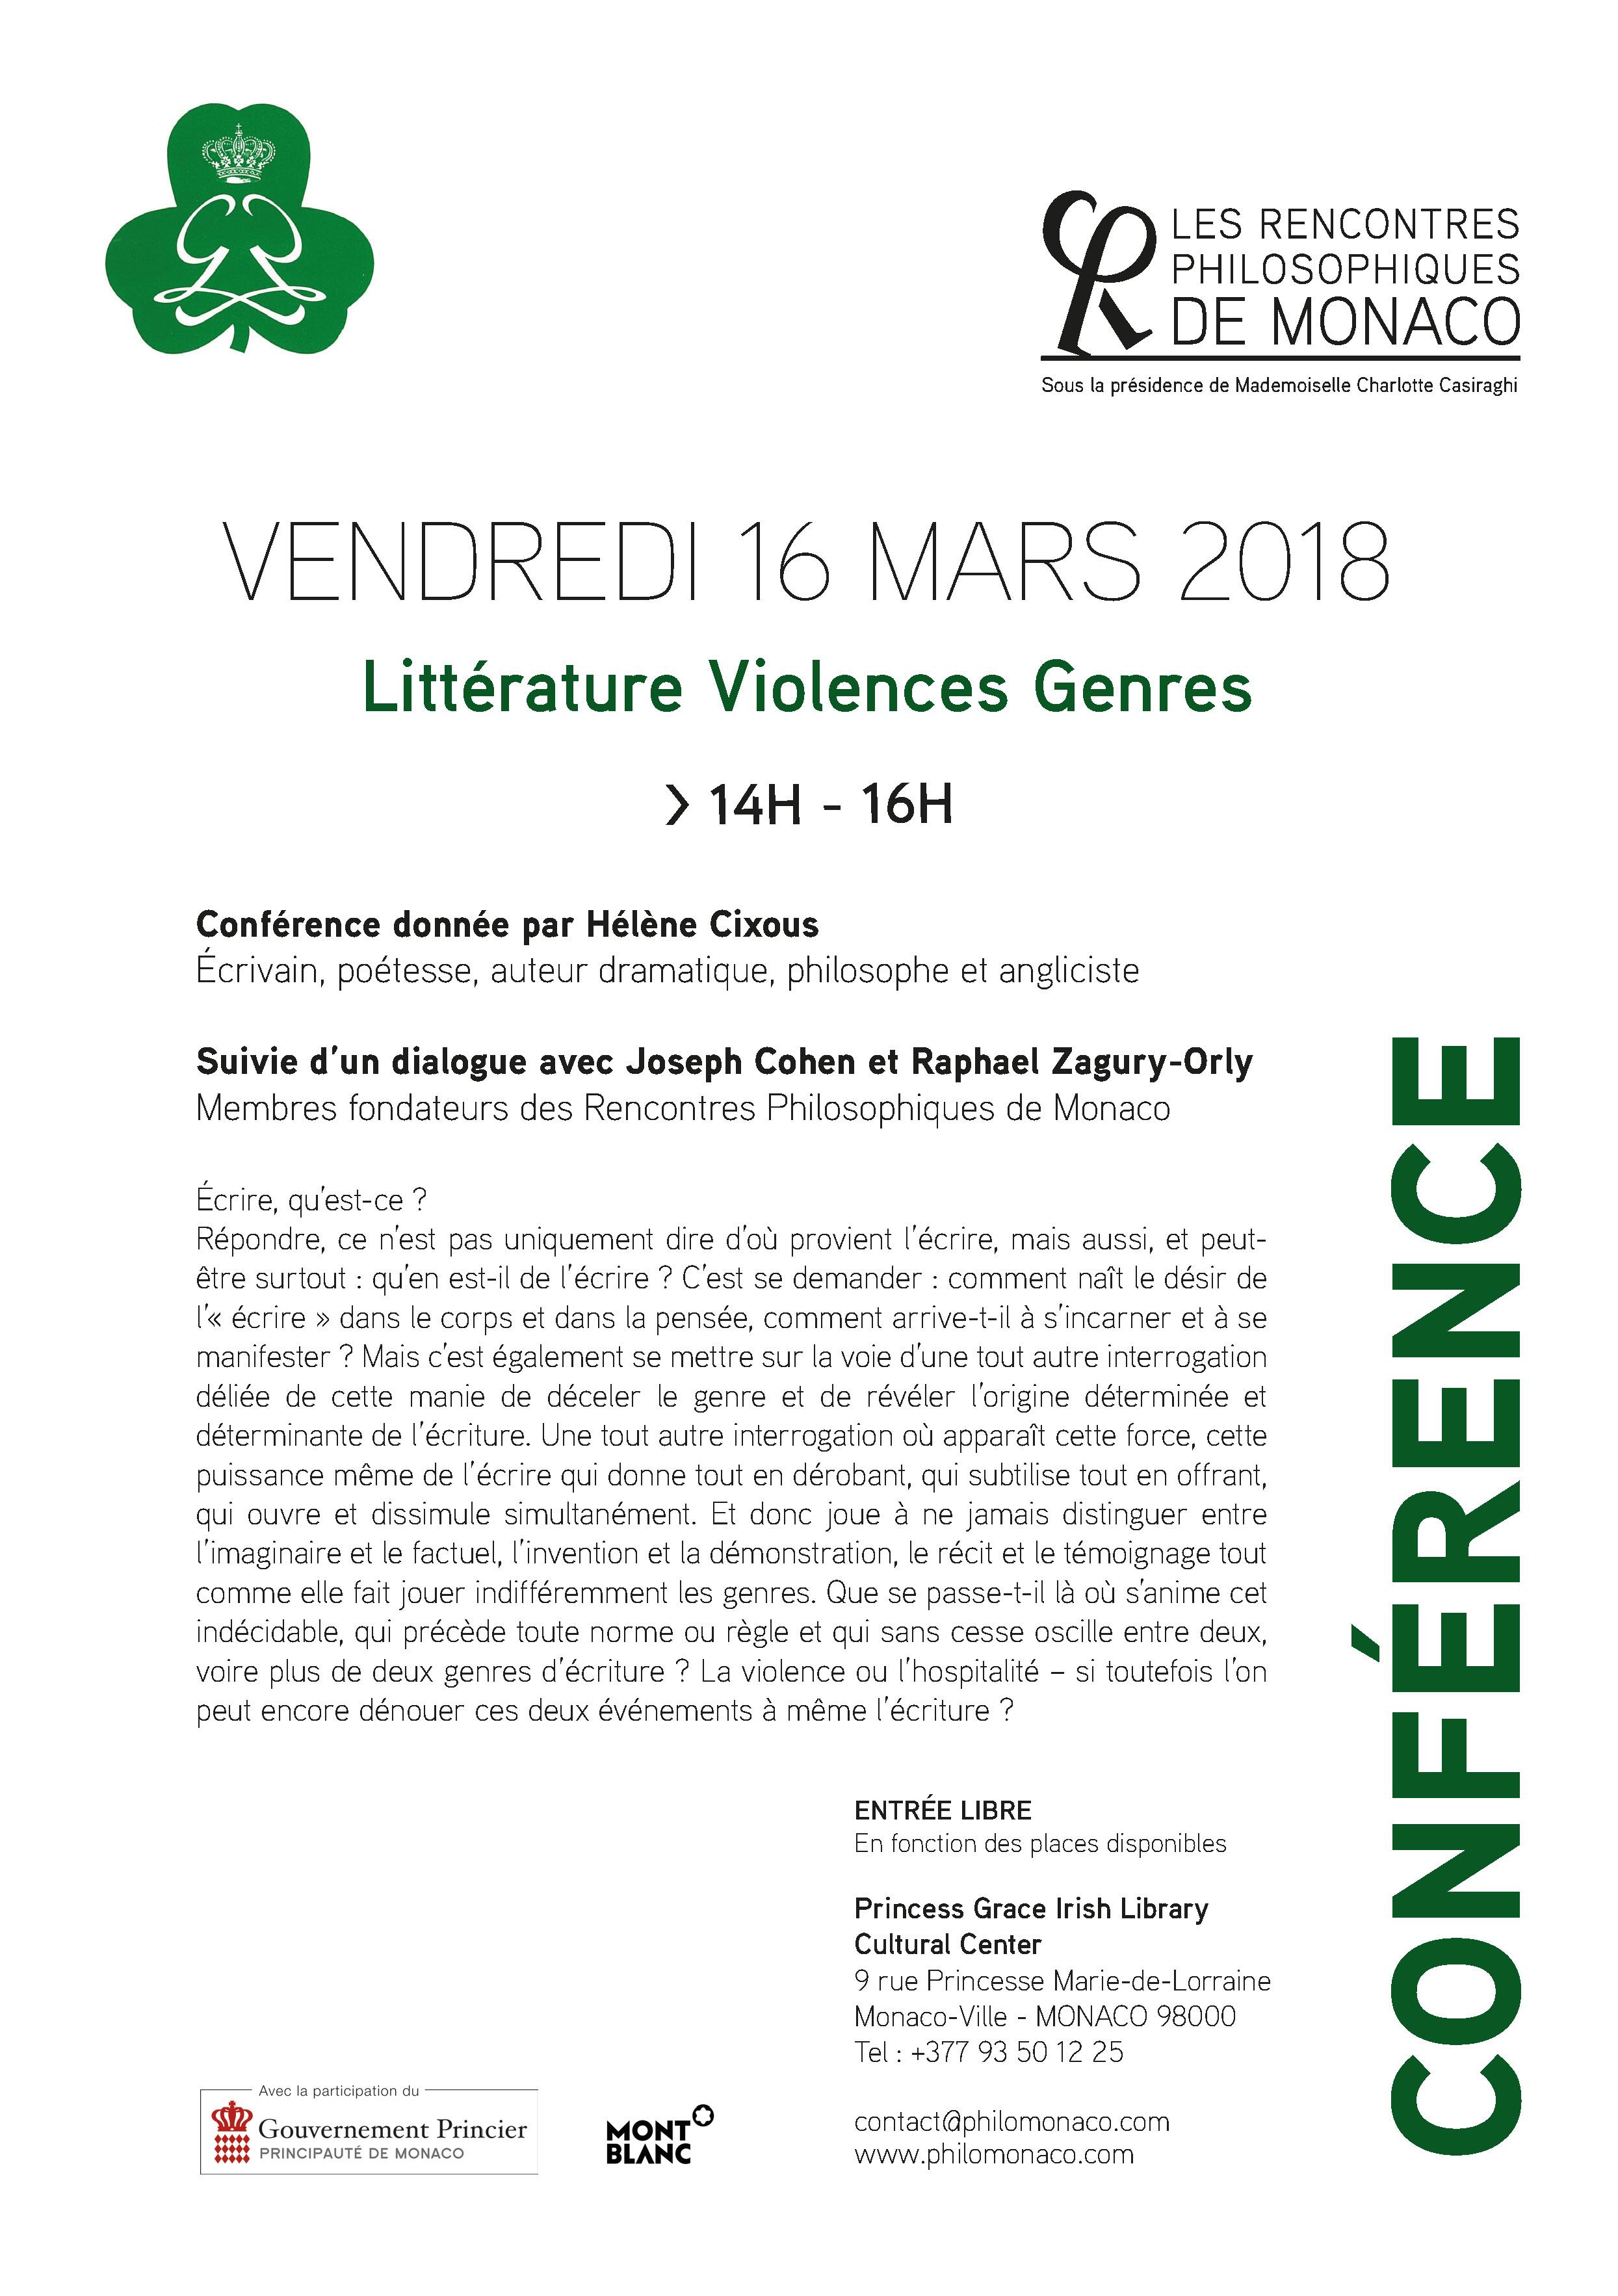 4175, 4175, Littérature Violences Genres 16 mars 2018, litterature-violences-genres-16-mars-2018.jpg, http://philomonaco.com/wp-content/uploads/2018/03/litterature-violences-genres-16-mars-2018.jpg, , 3, , , litterature-violences-genres-16-mars-2018-2, 2018-03-06 12:21:46, 2018-03-06 12:21:50, image/jpeg, image, http://philomonaco.com/wp-includes/images/media/default.png, 2489, 3532, Array